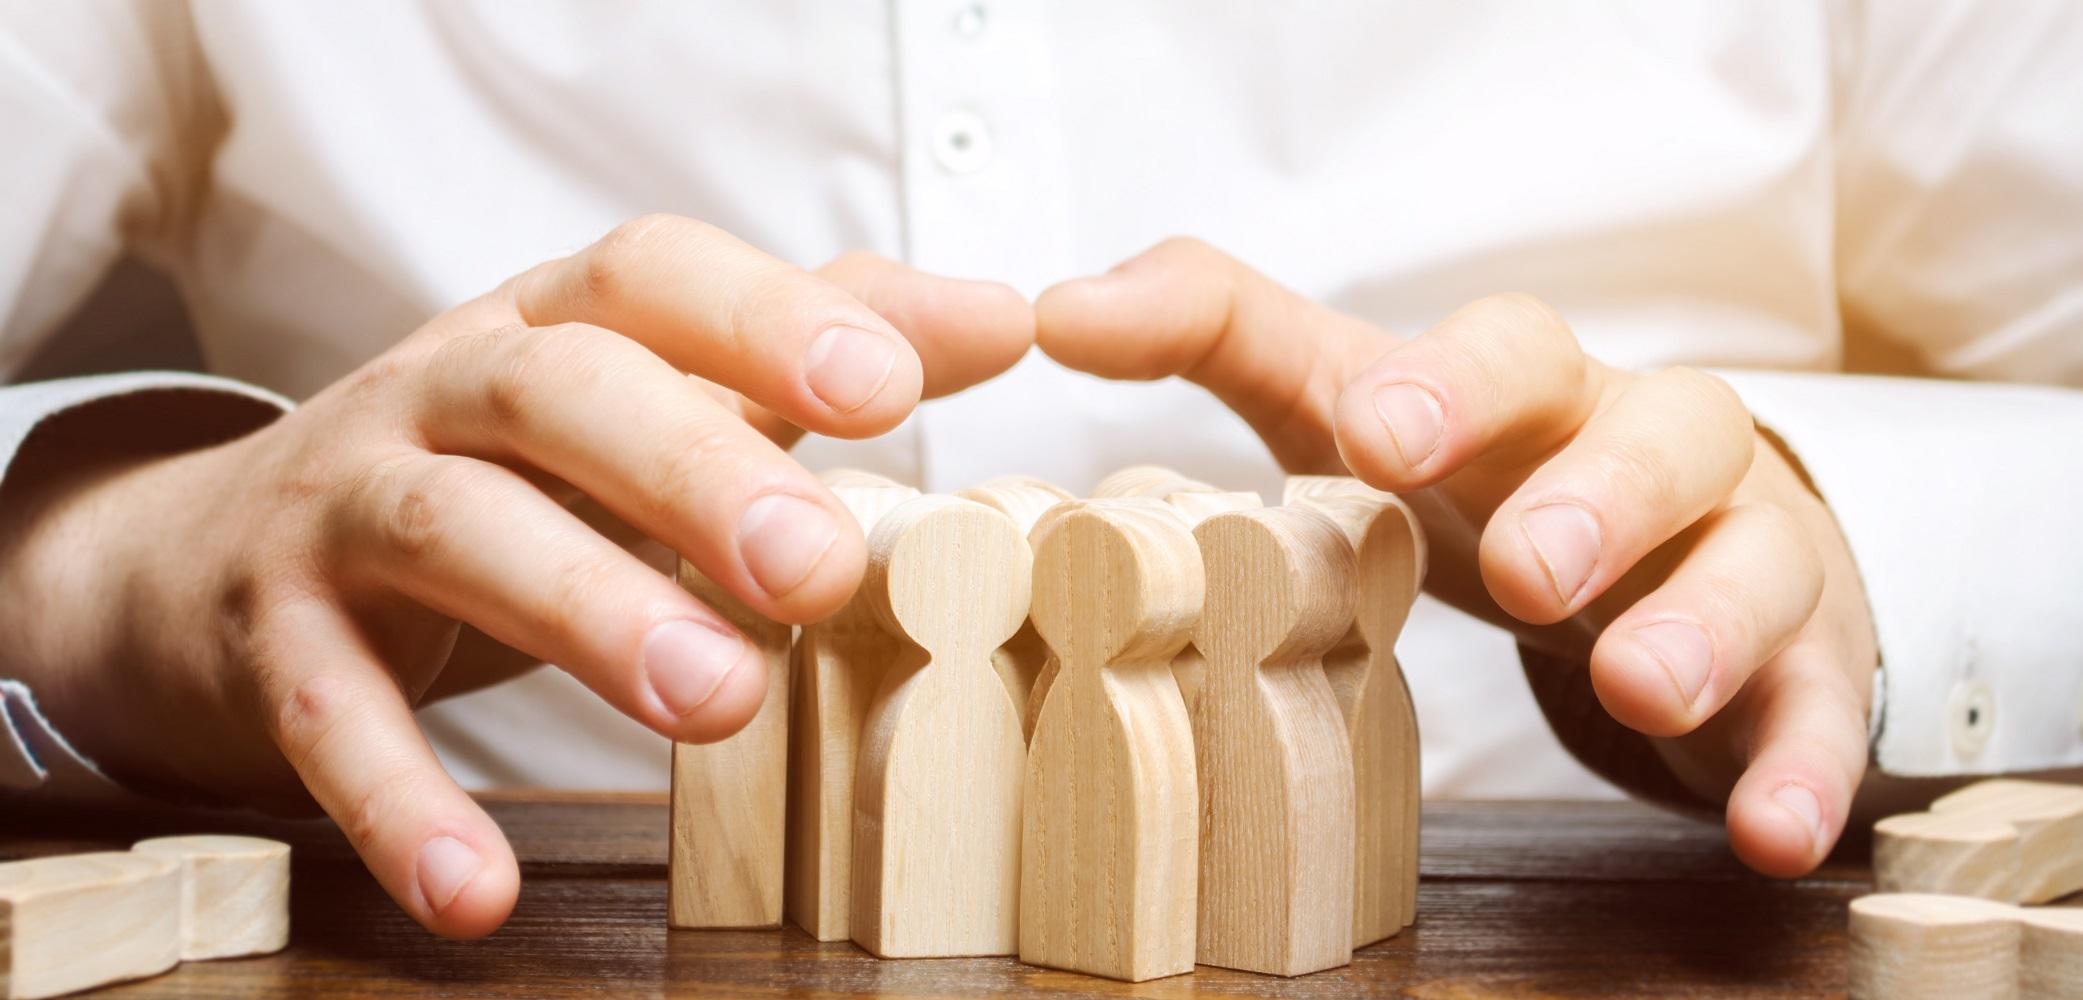 6 dicas para aumentar a retenção de clientes (e lucros!) do seu negócio